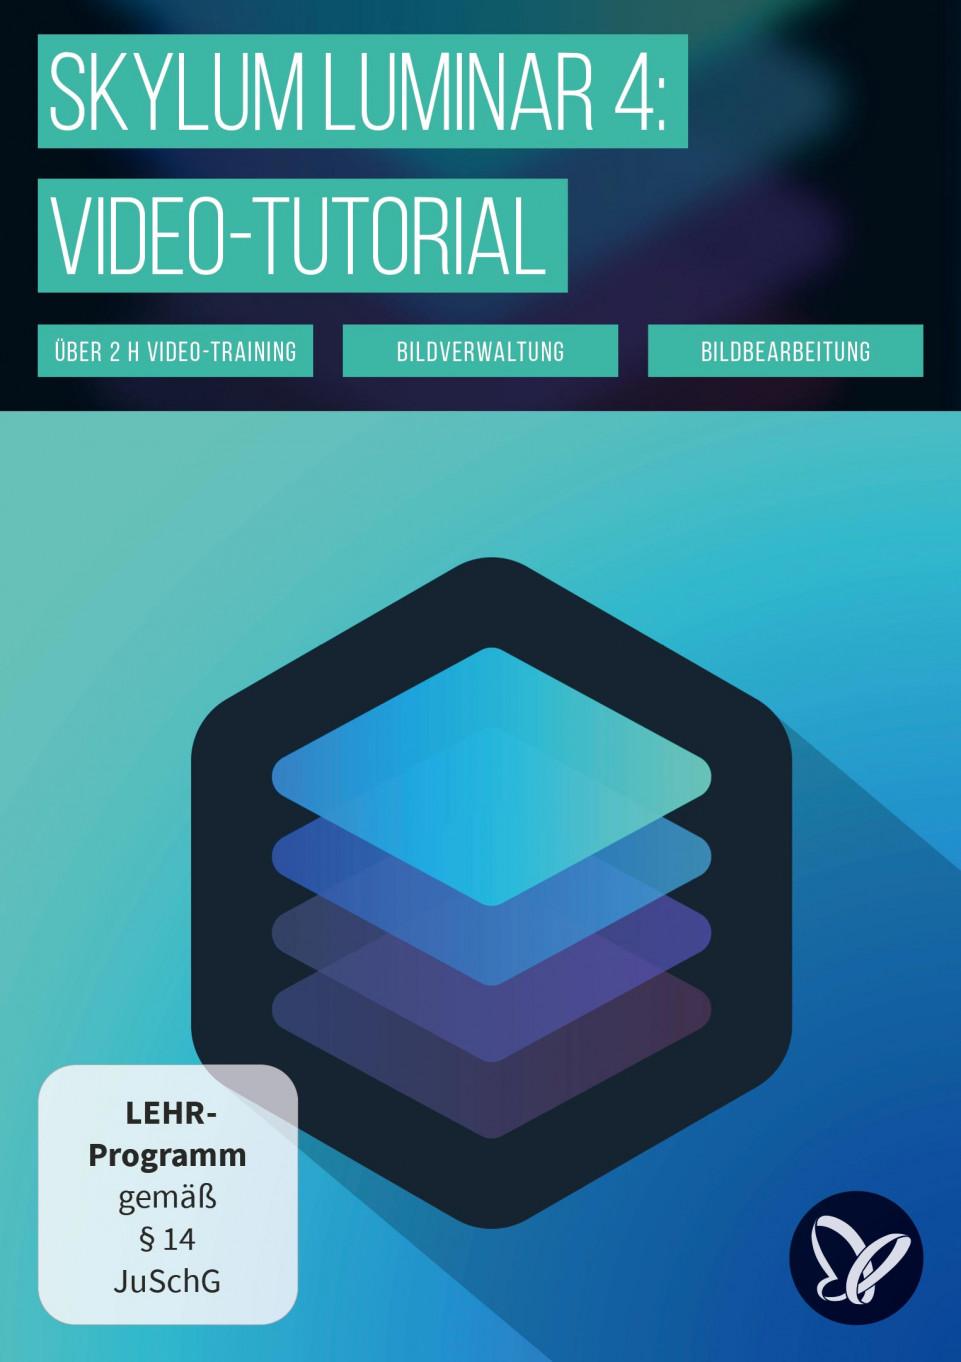 Skylum Luminar 4 zur Bildbearbeitung und Bildverwaltung – Video-Tutorial